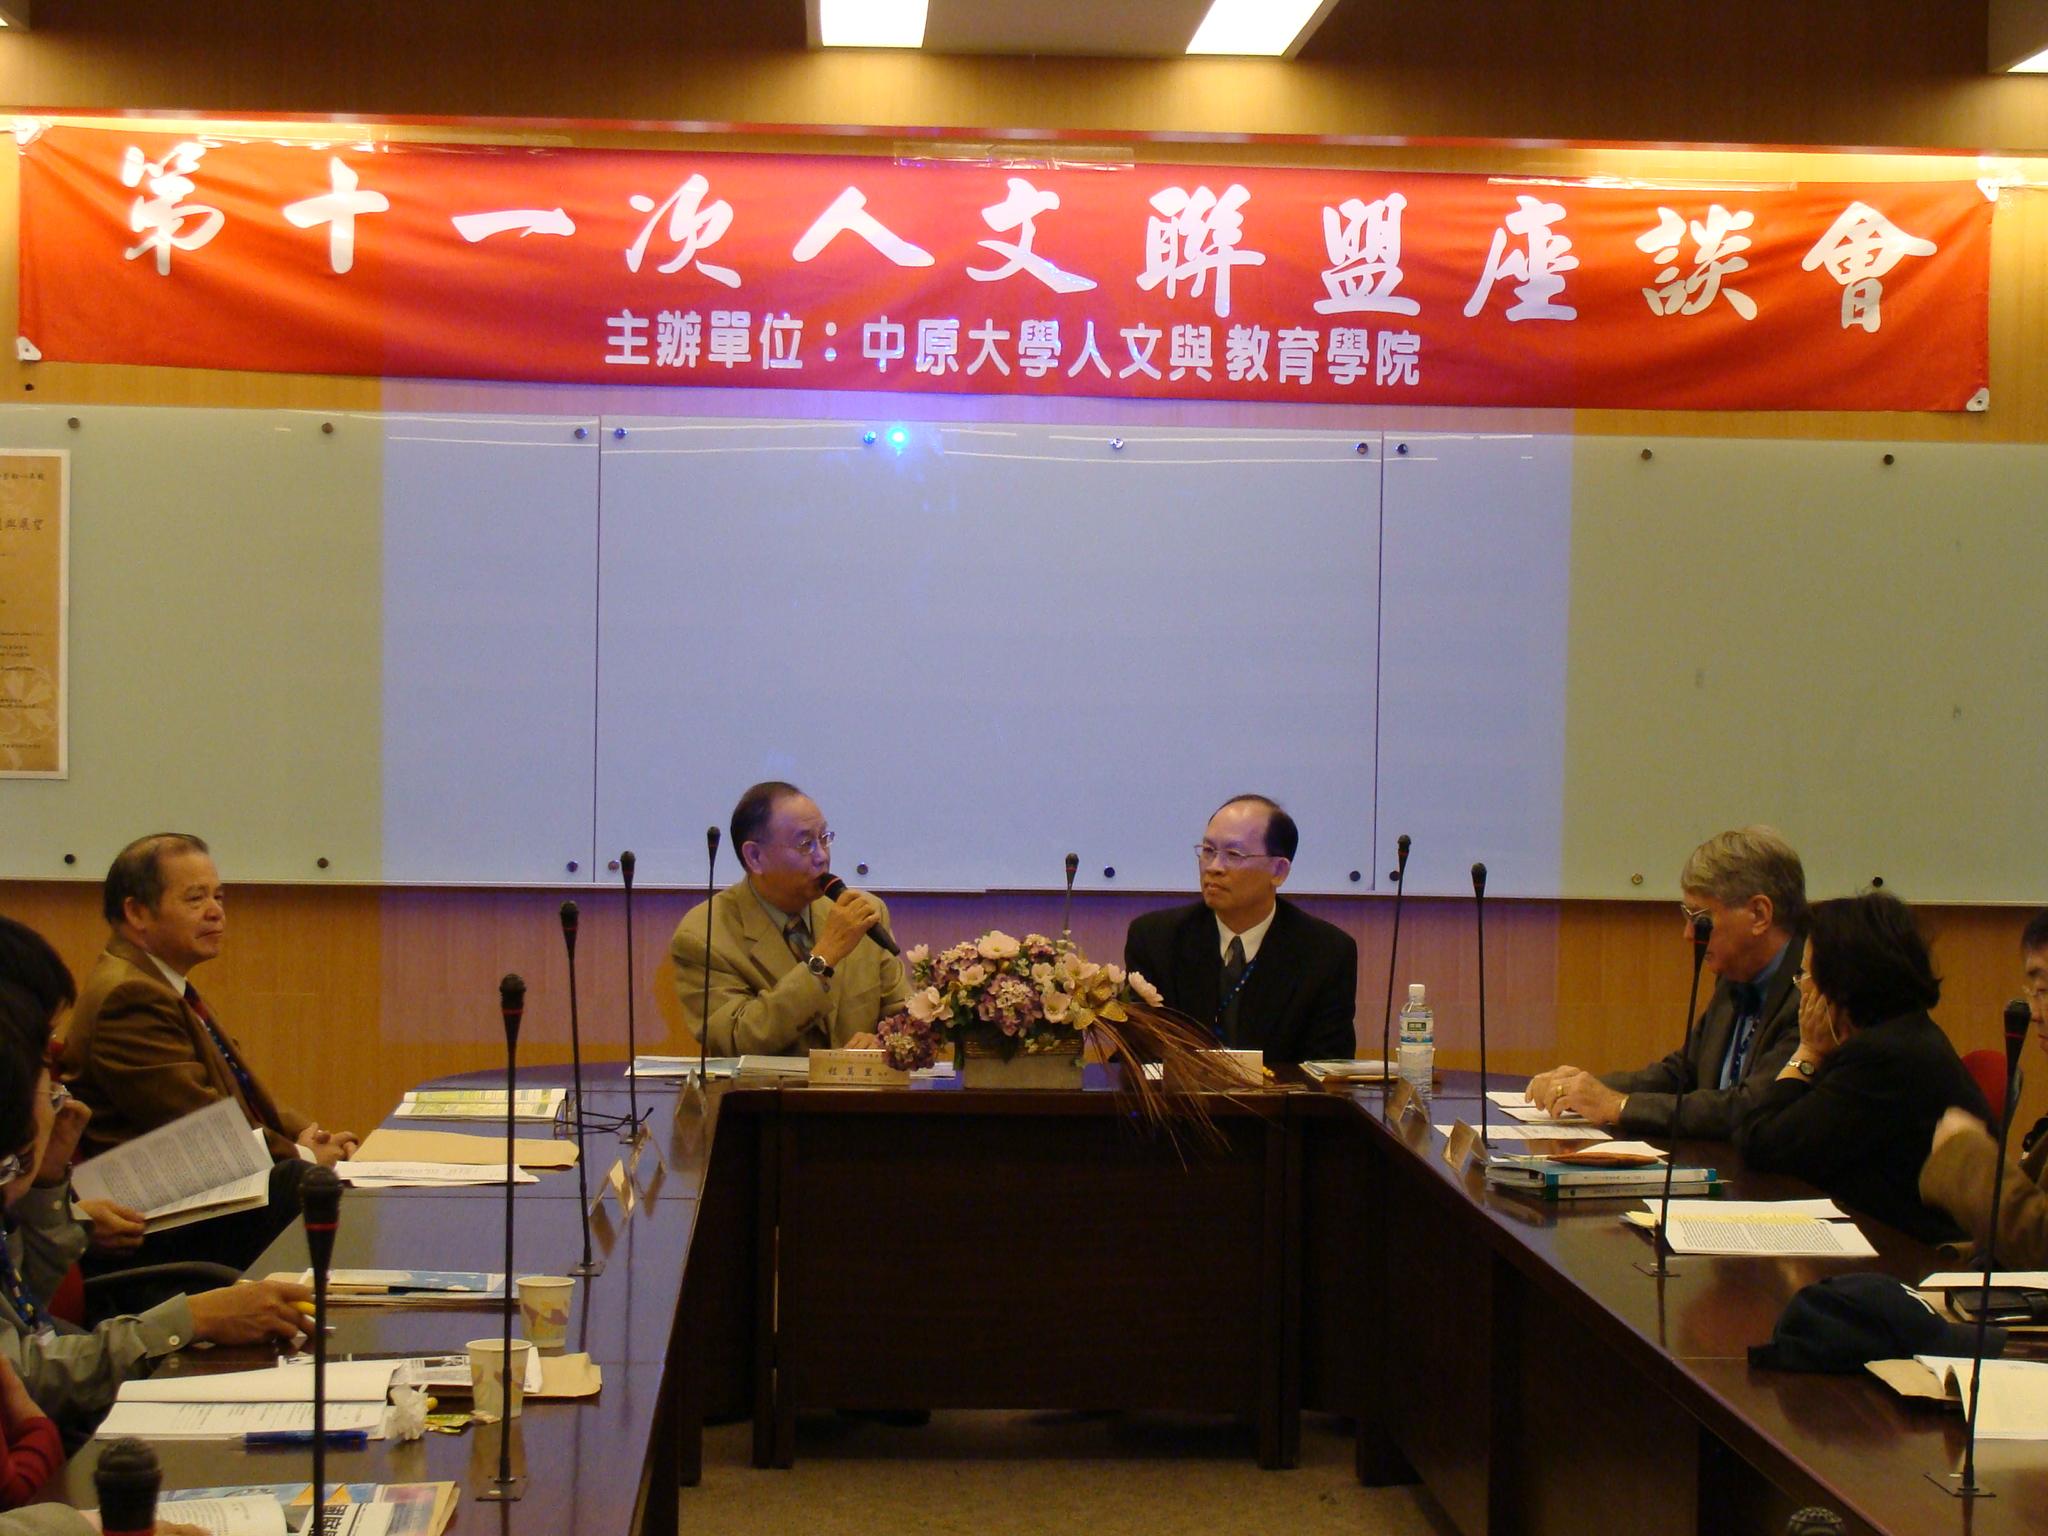 中原大學邀各大學人文教師 探討「人文學院在當前大學的問題與展望」